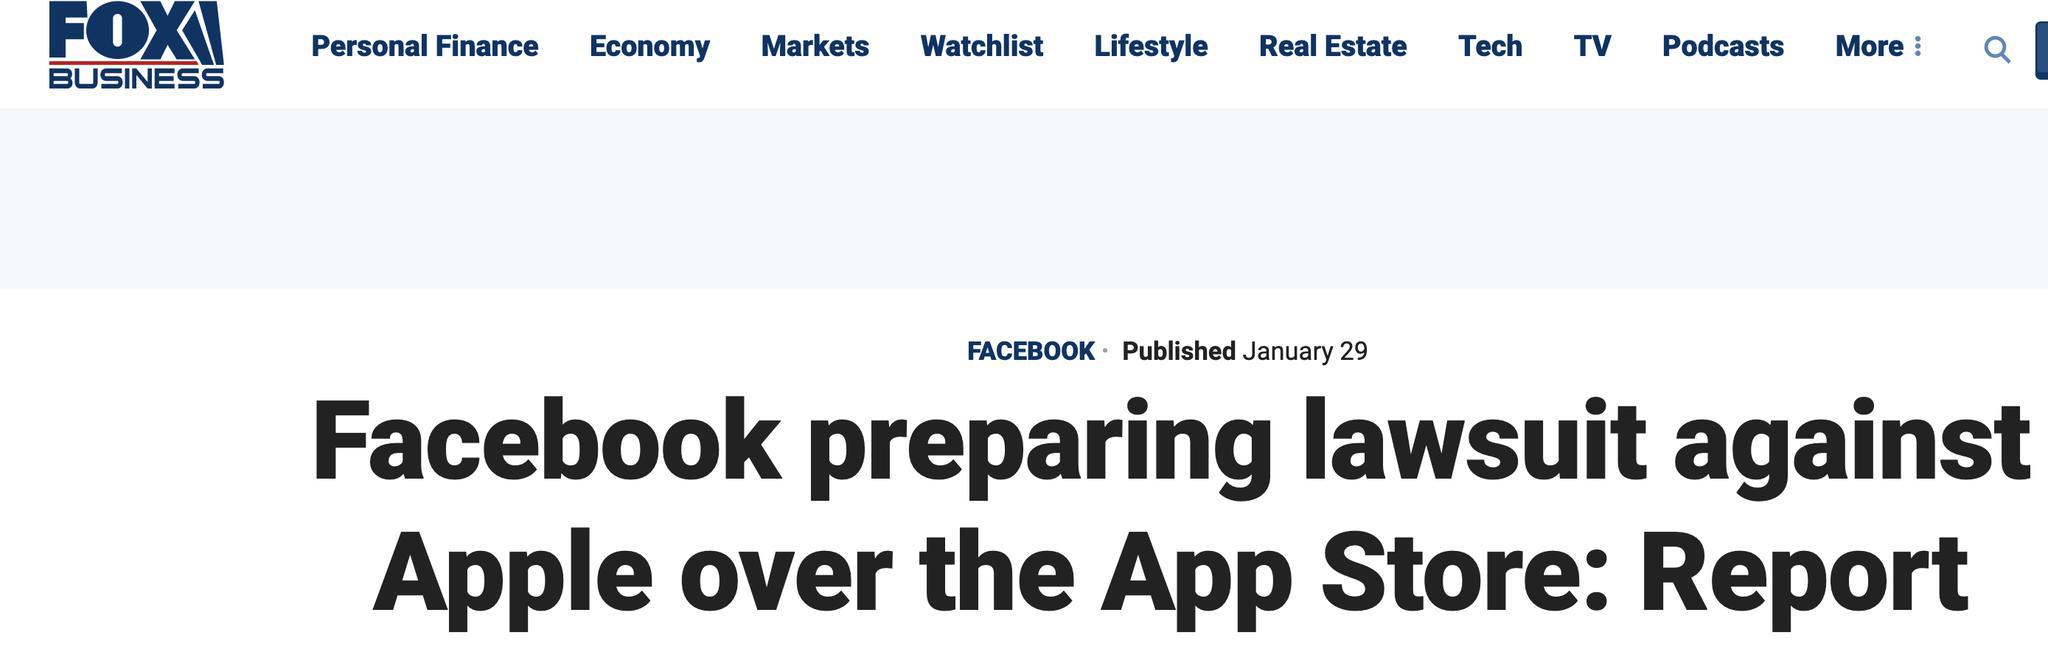 掐架?外媒:脸书将起诉苹果滥用在应用商店的权力